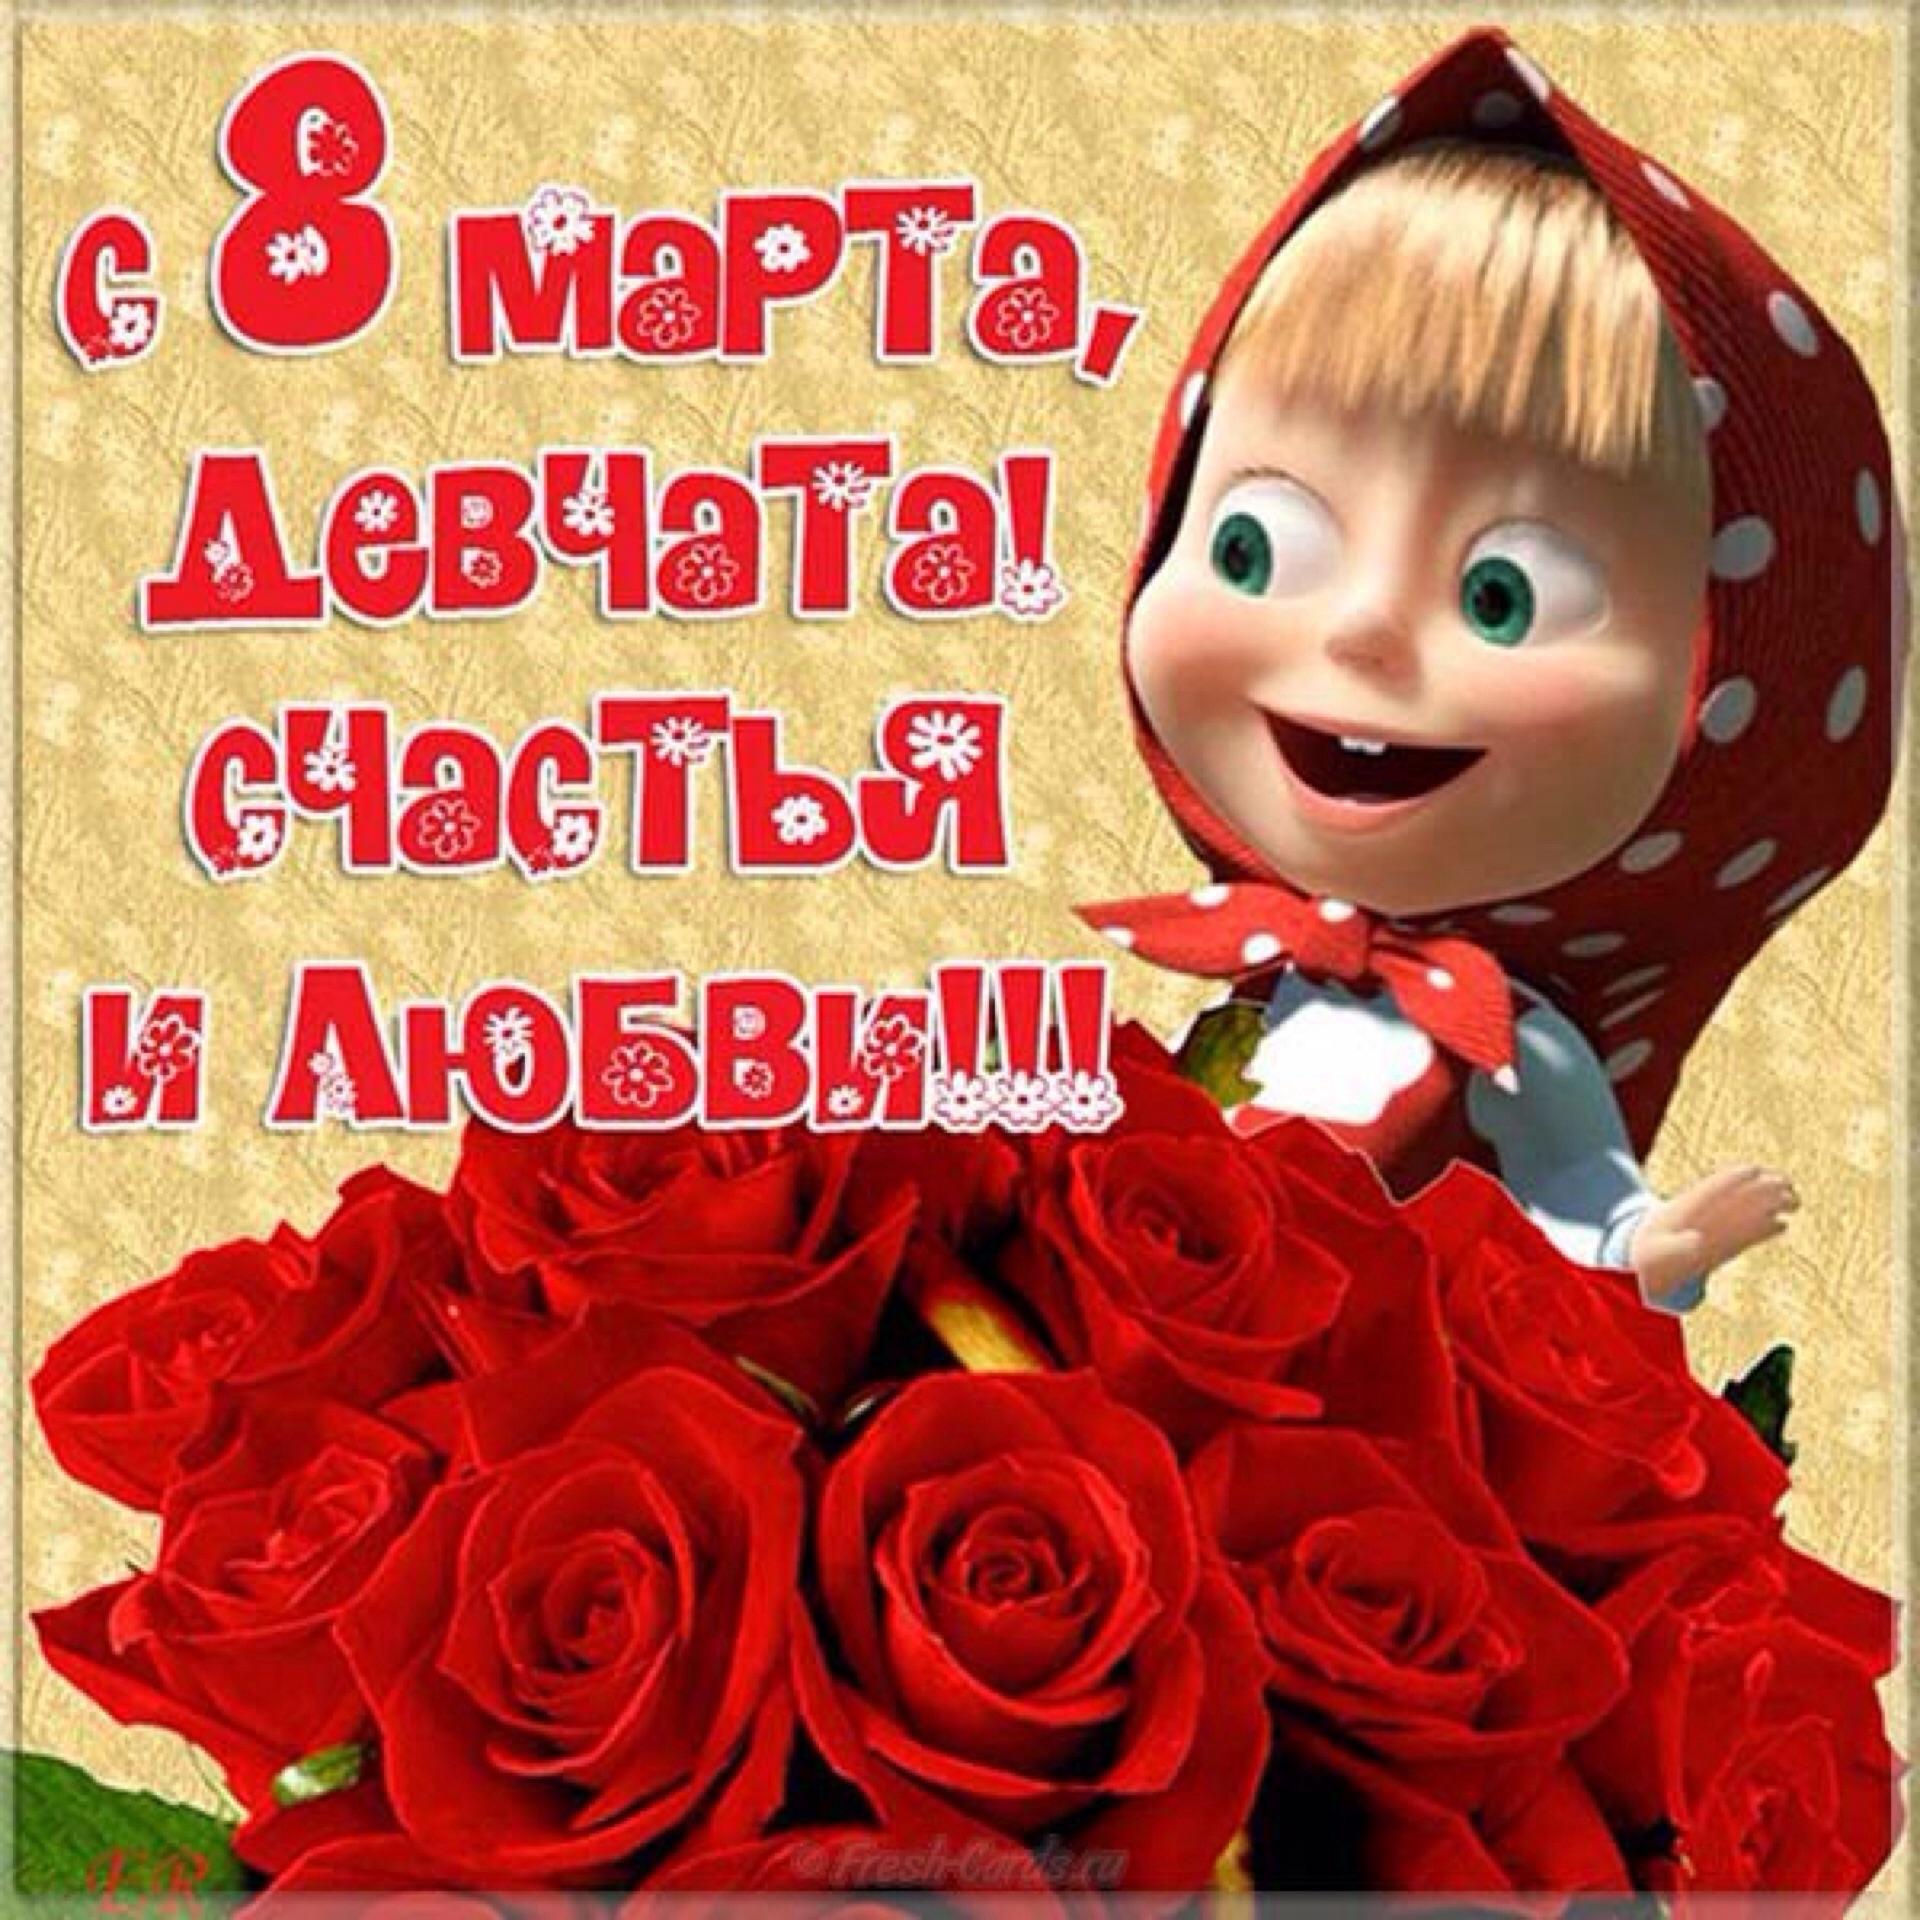 Учебный, поздравления с 8 марта картинка для девочки